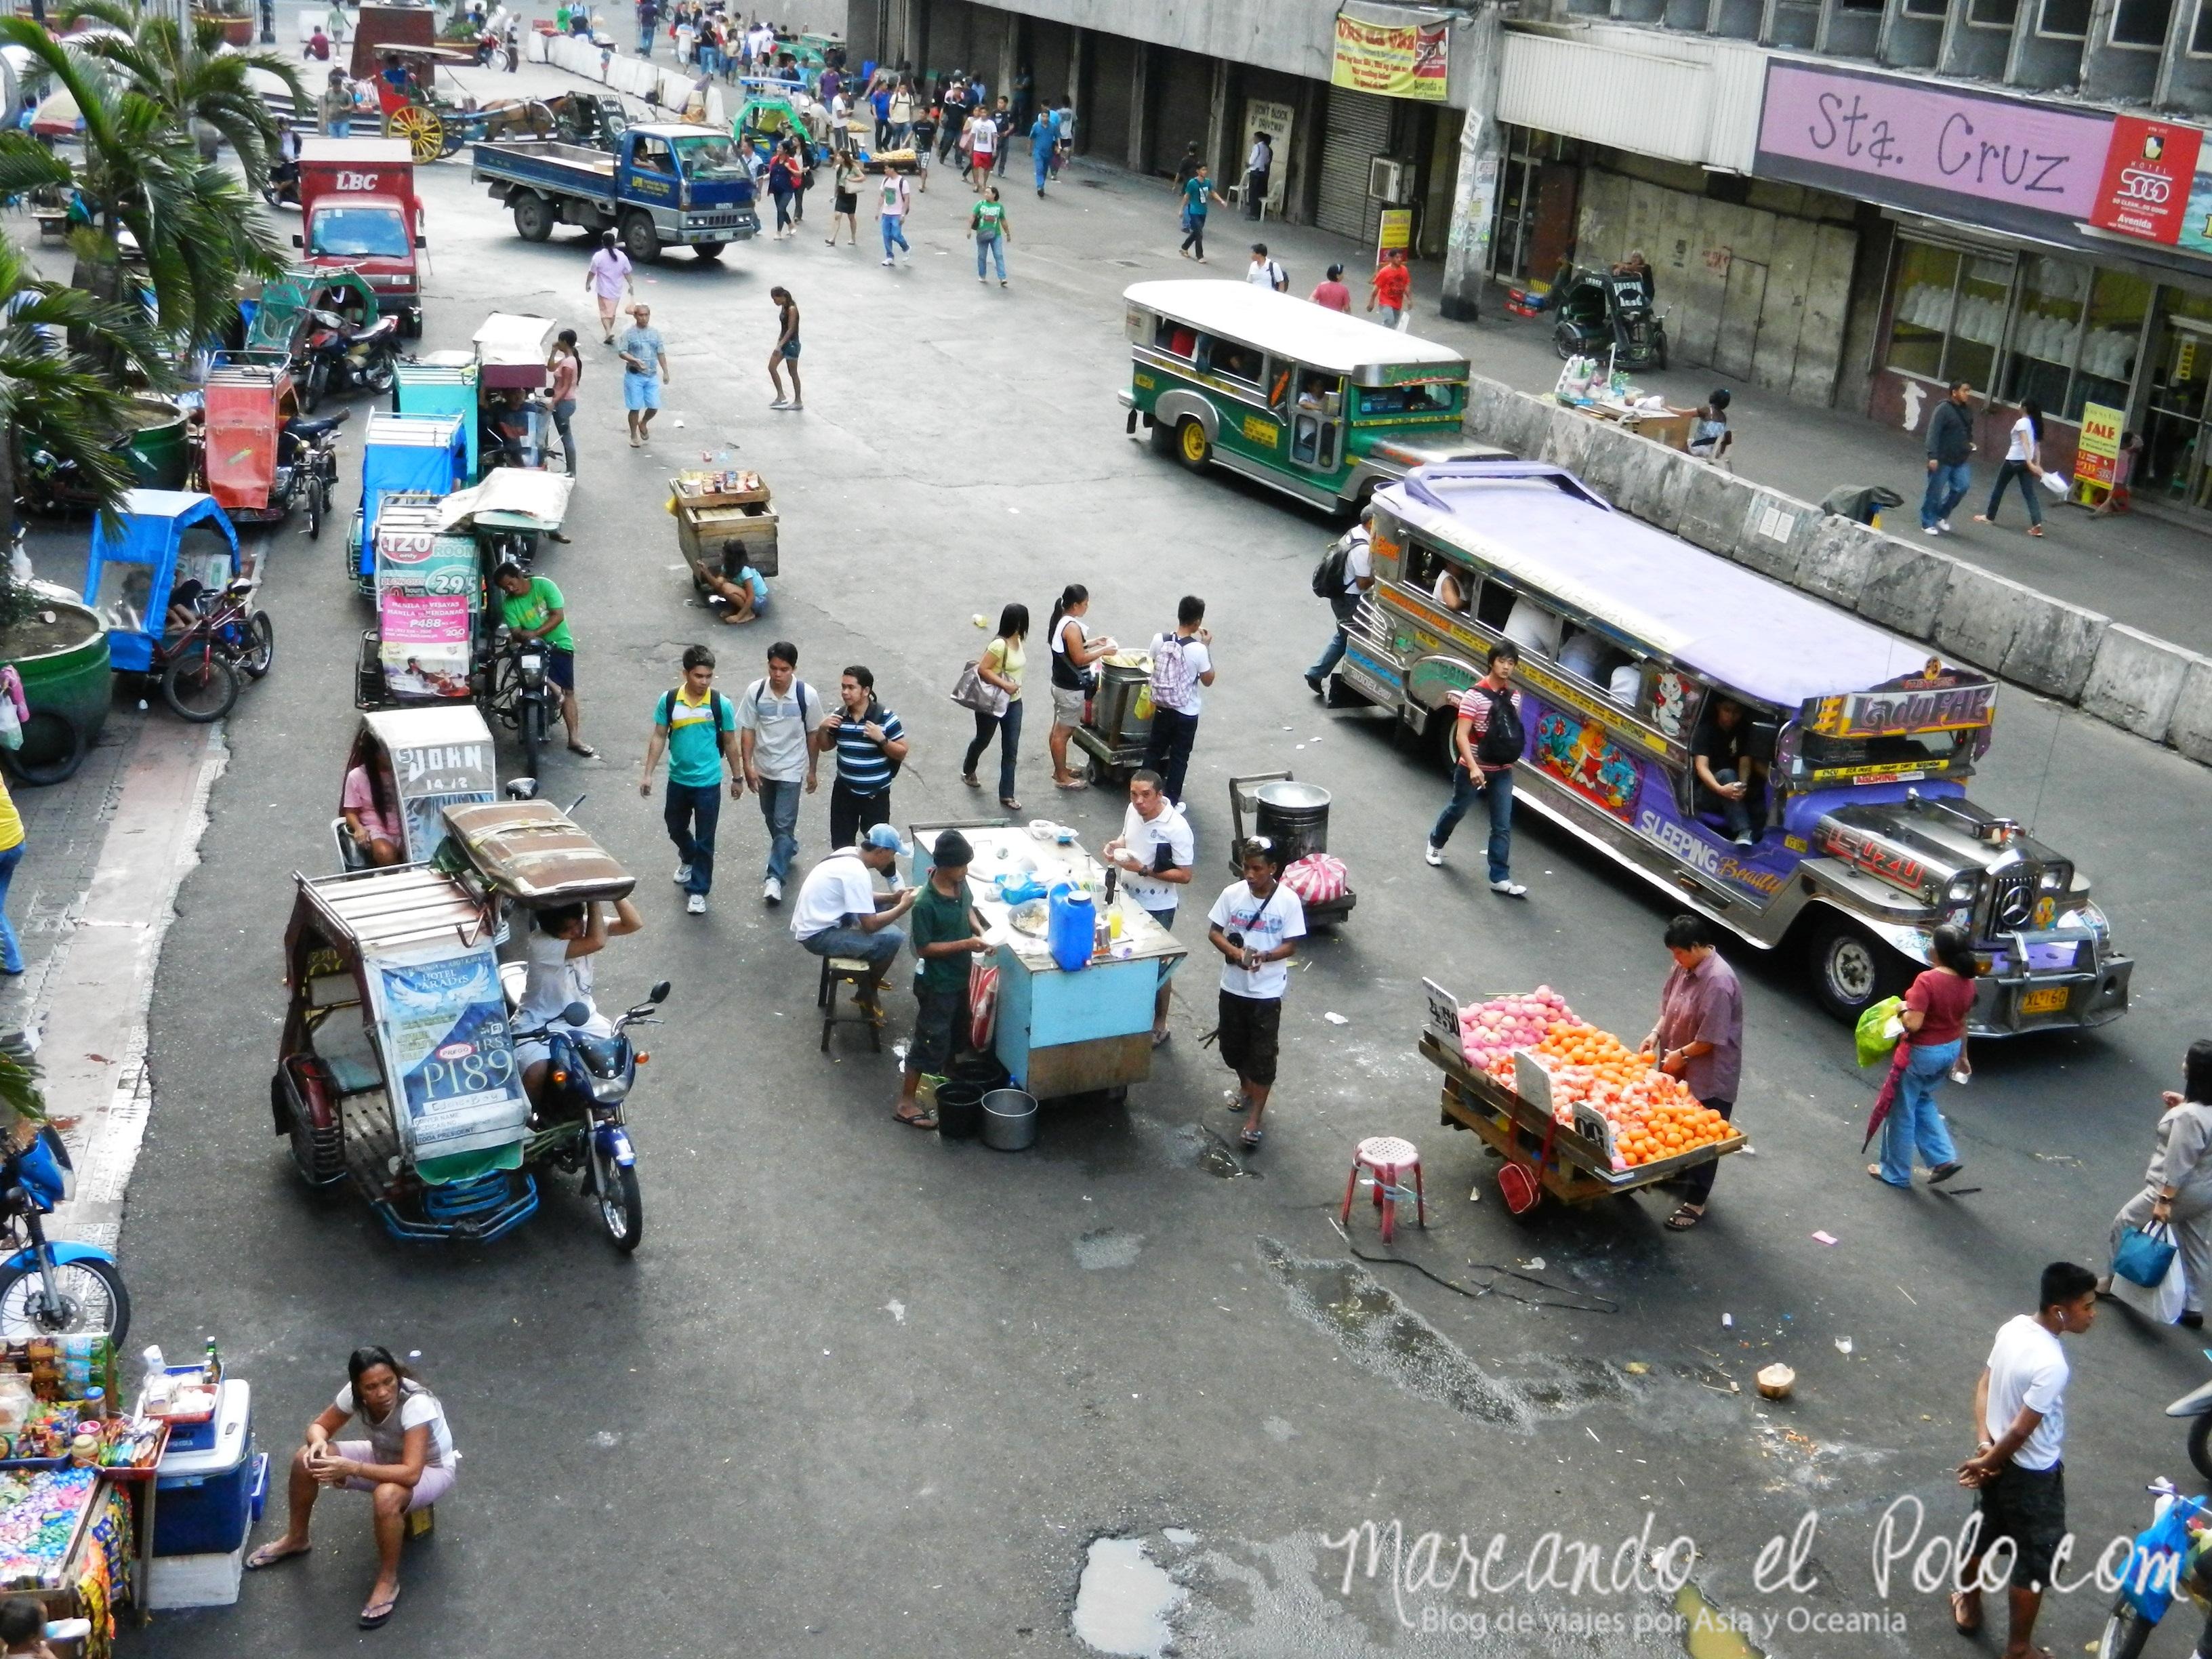 Viajar a Filipinas: Caos en Manila.